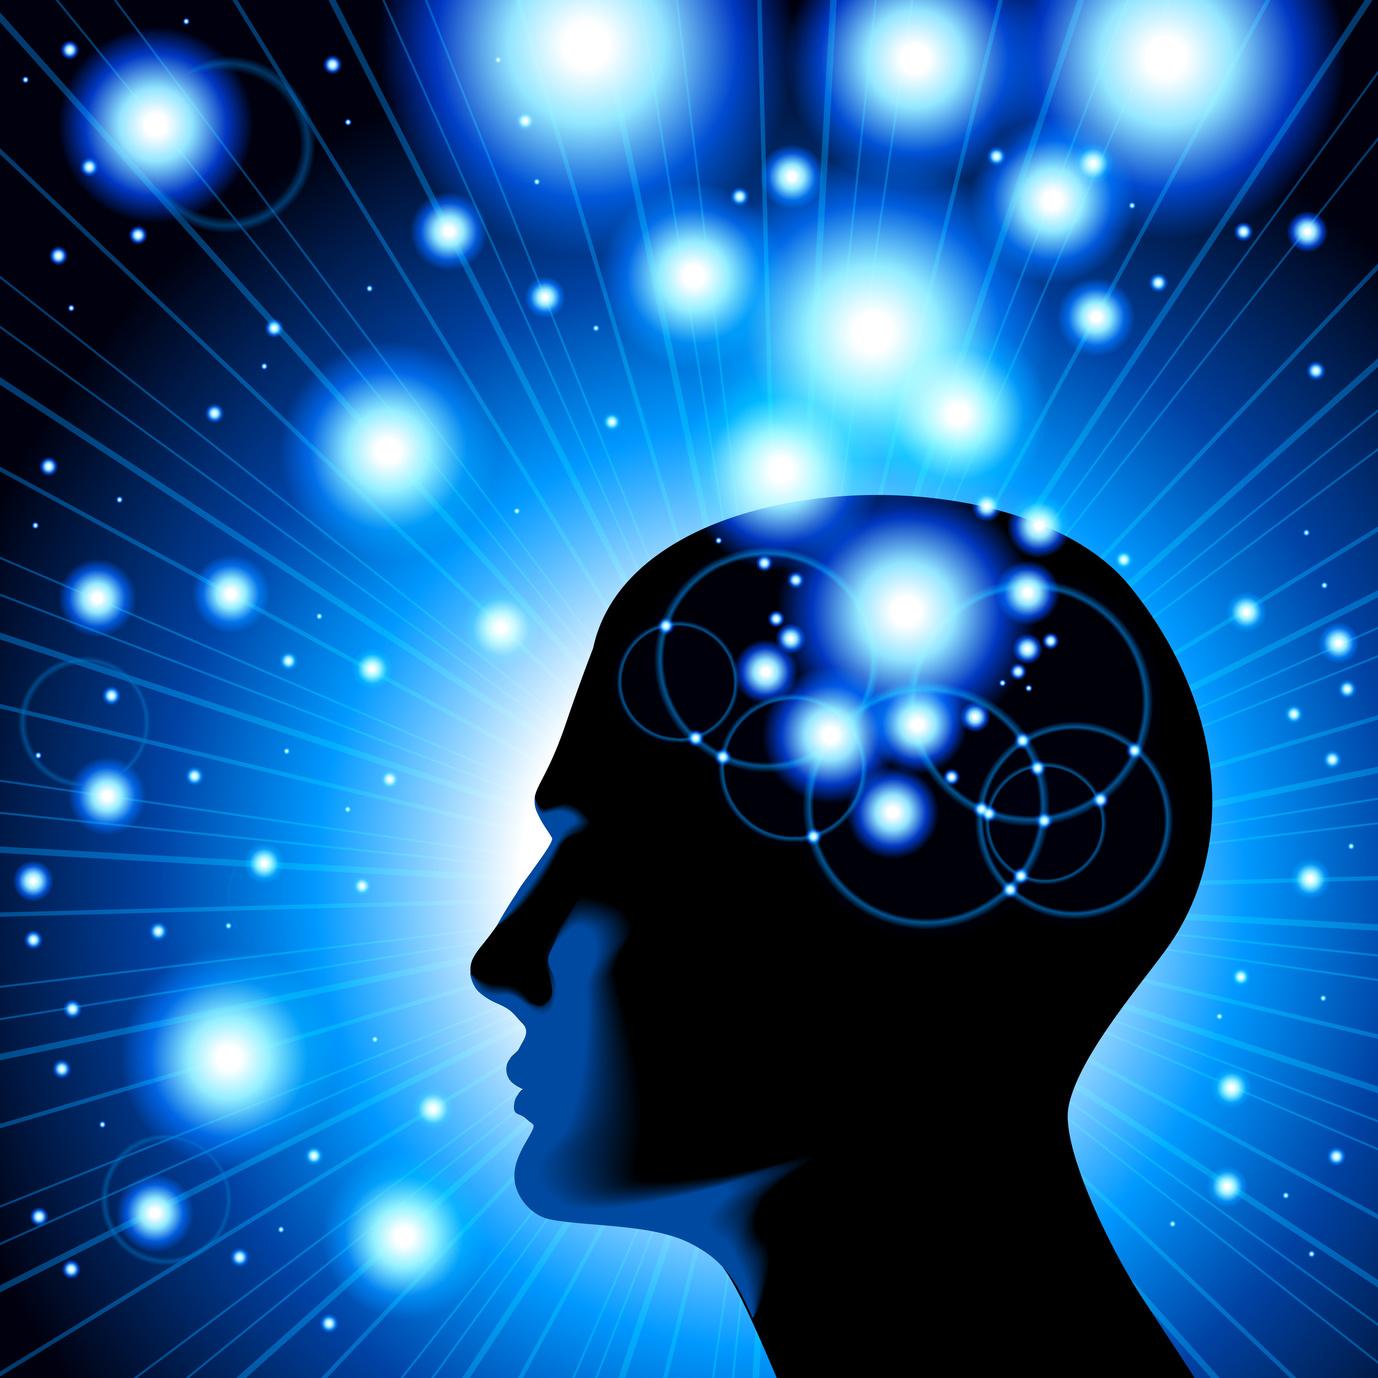 neurogenesisphoto